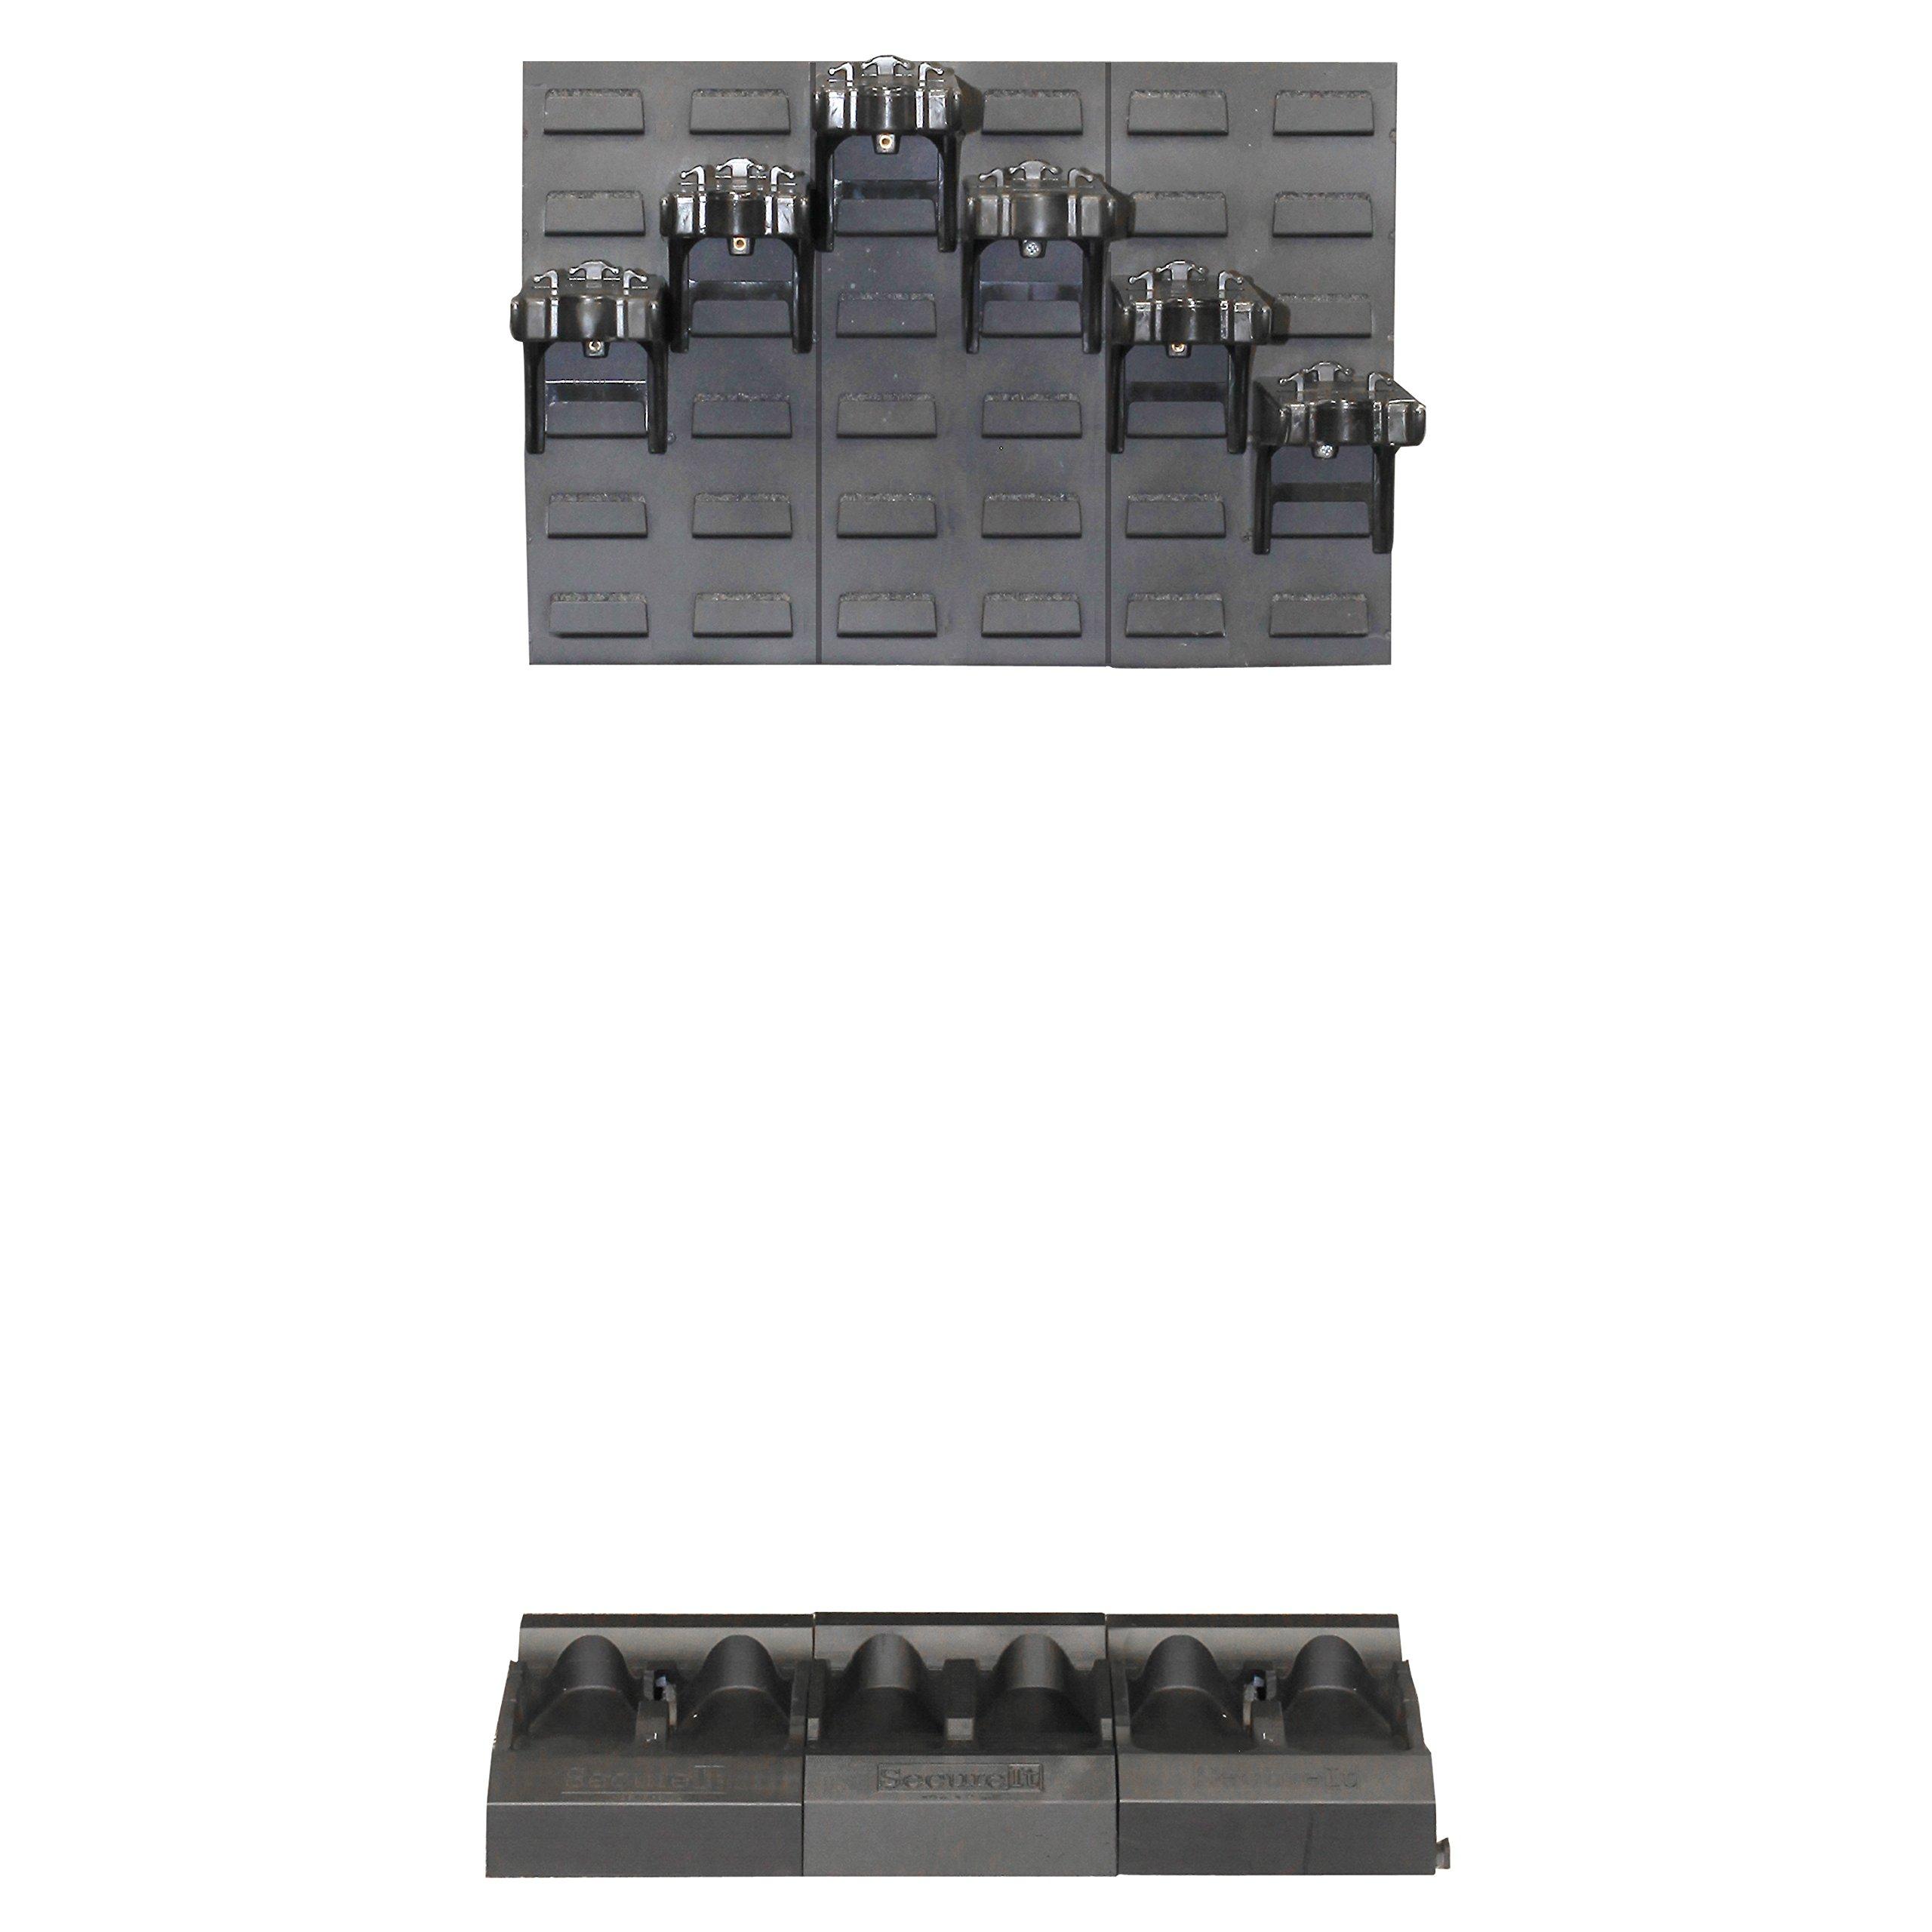 SecureIt Tactical Rapid 6 Modular Conversion Kit, Black